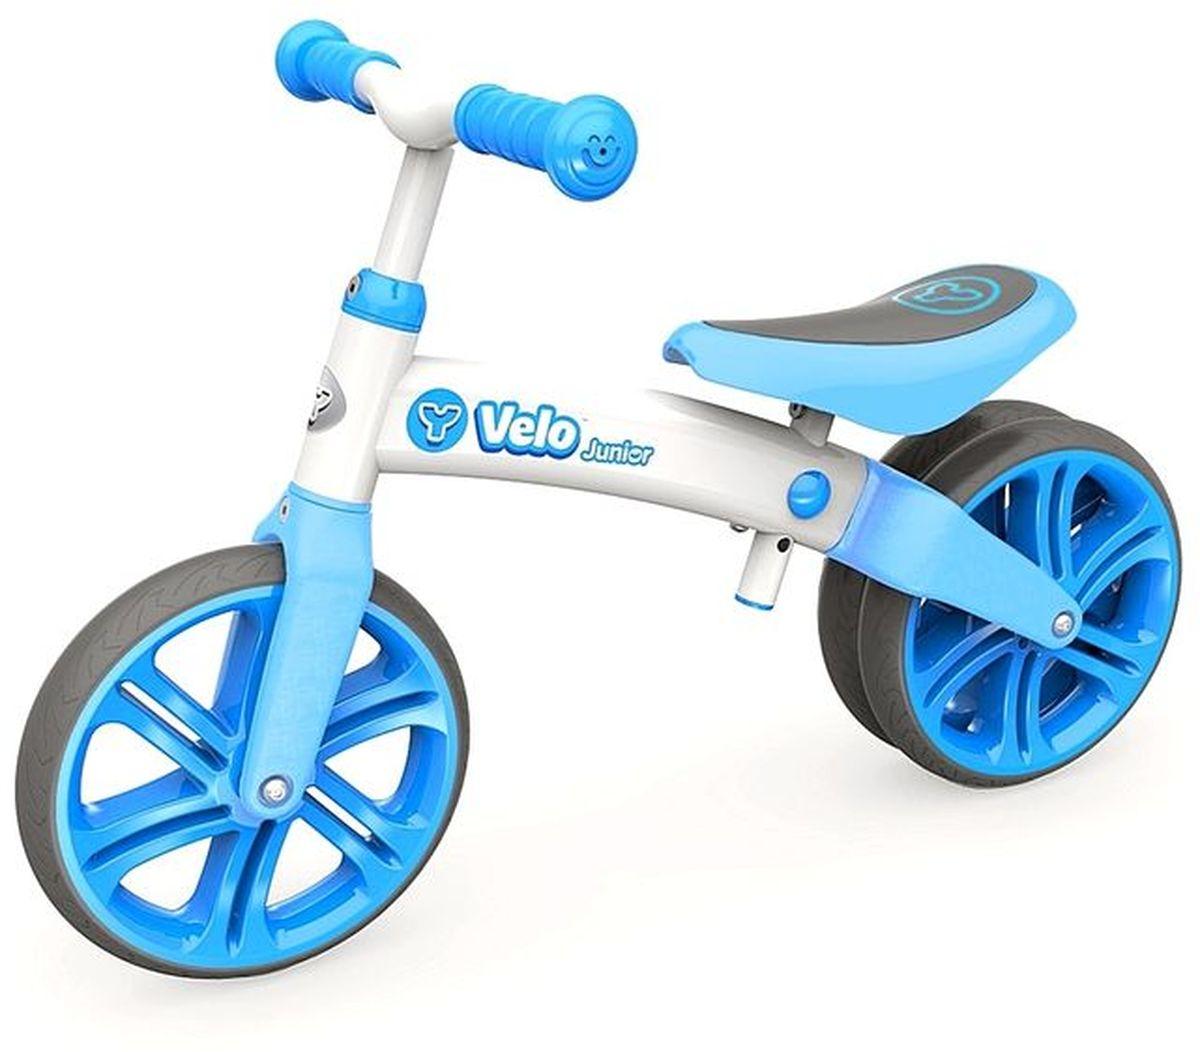 Y-Volution Беговел двухколесный Velo Junior с двойным колесом цвет голубой -  Беговелы